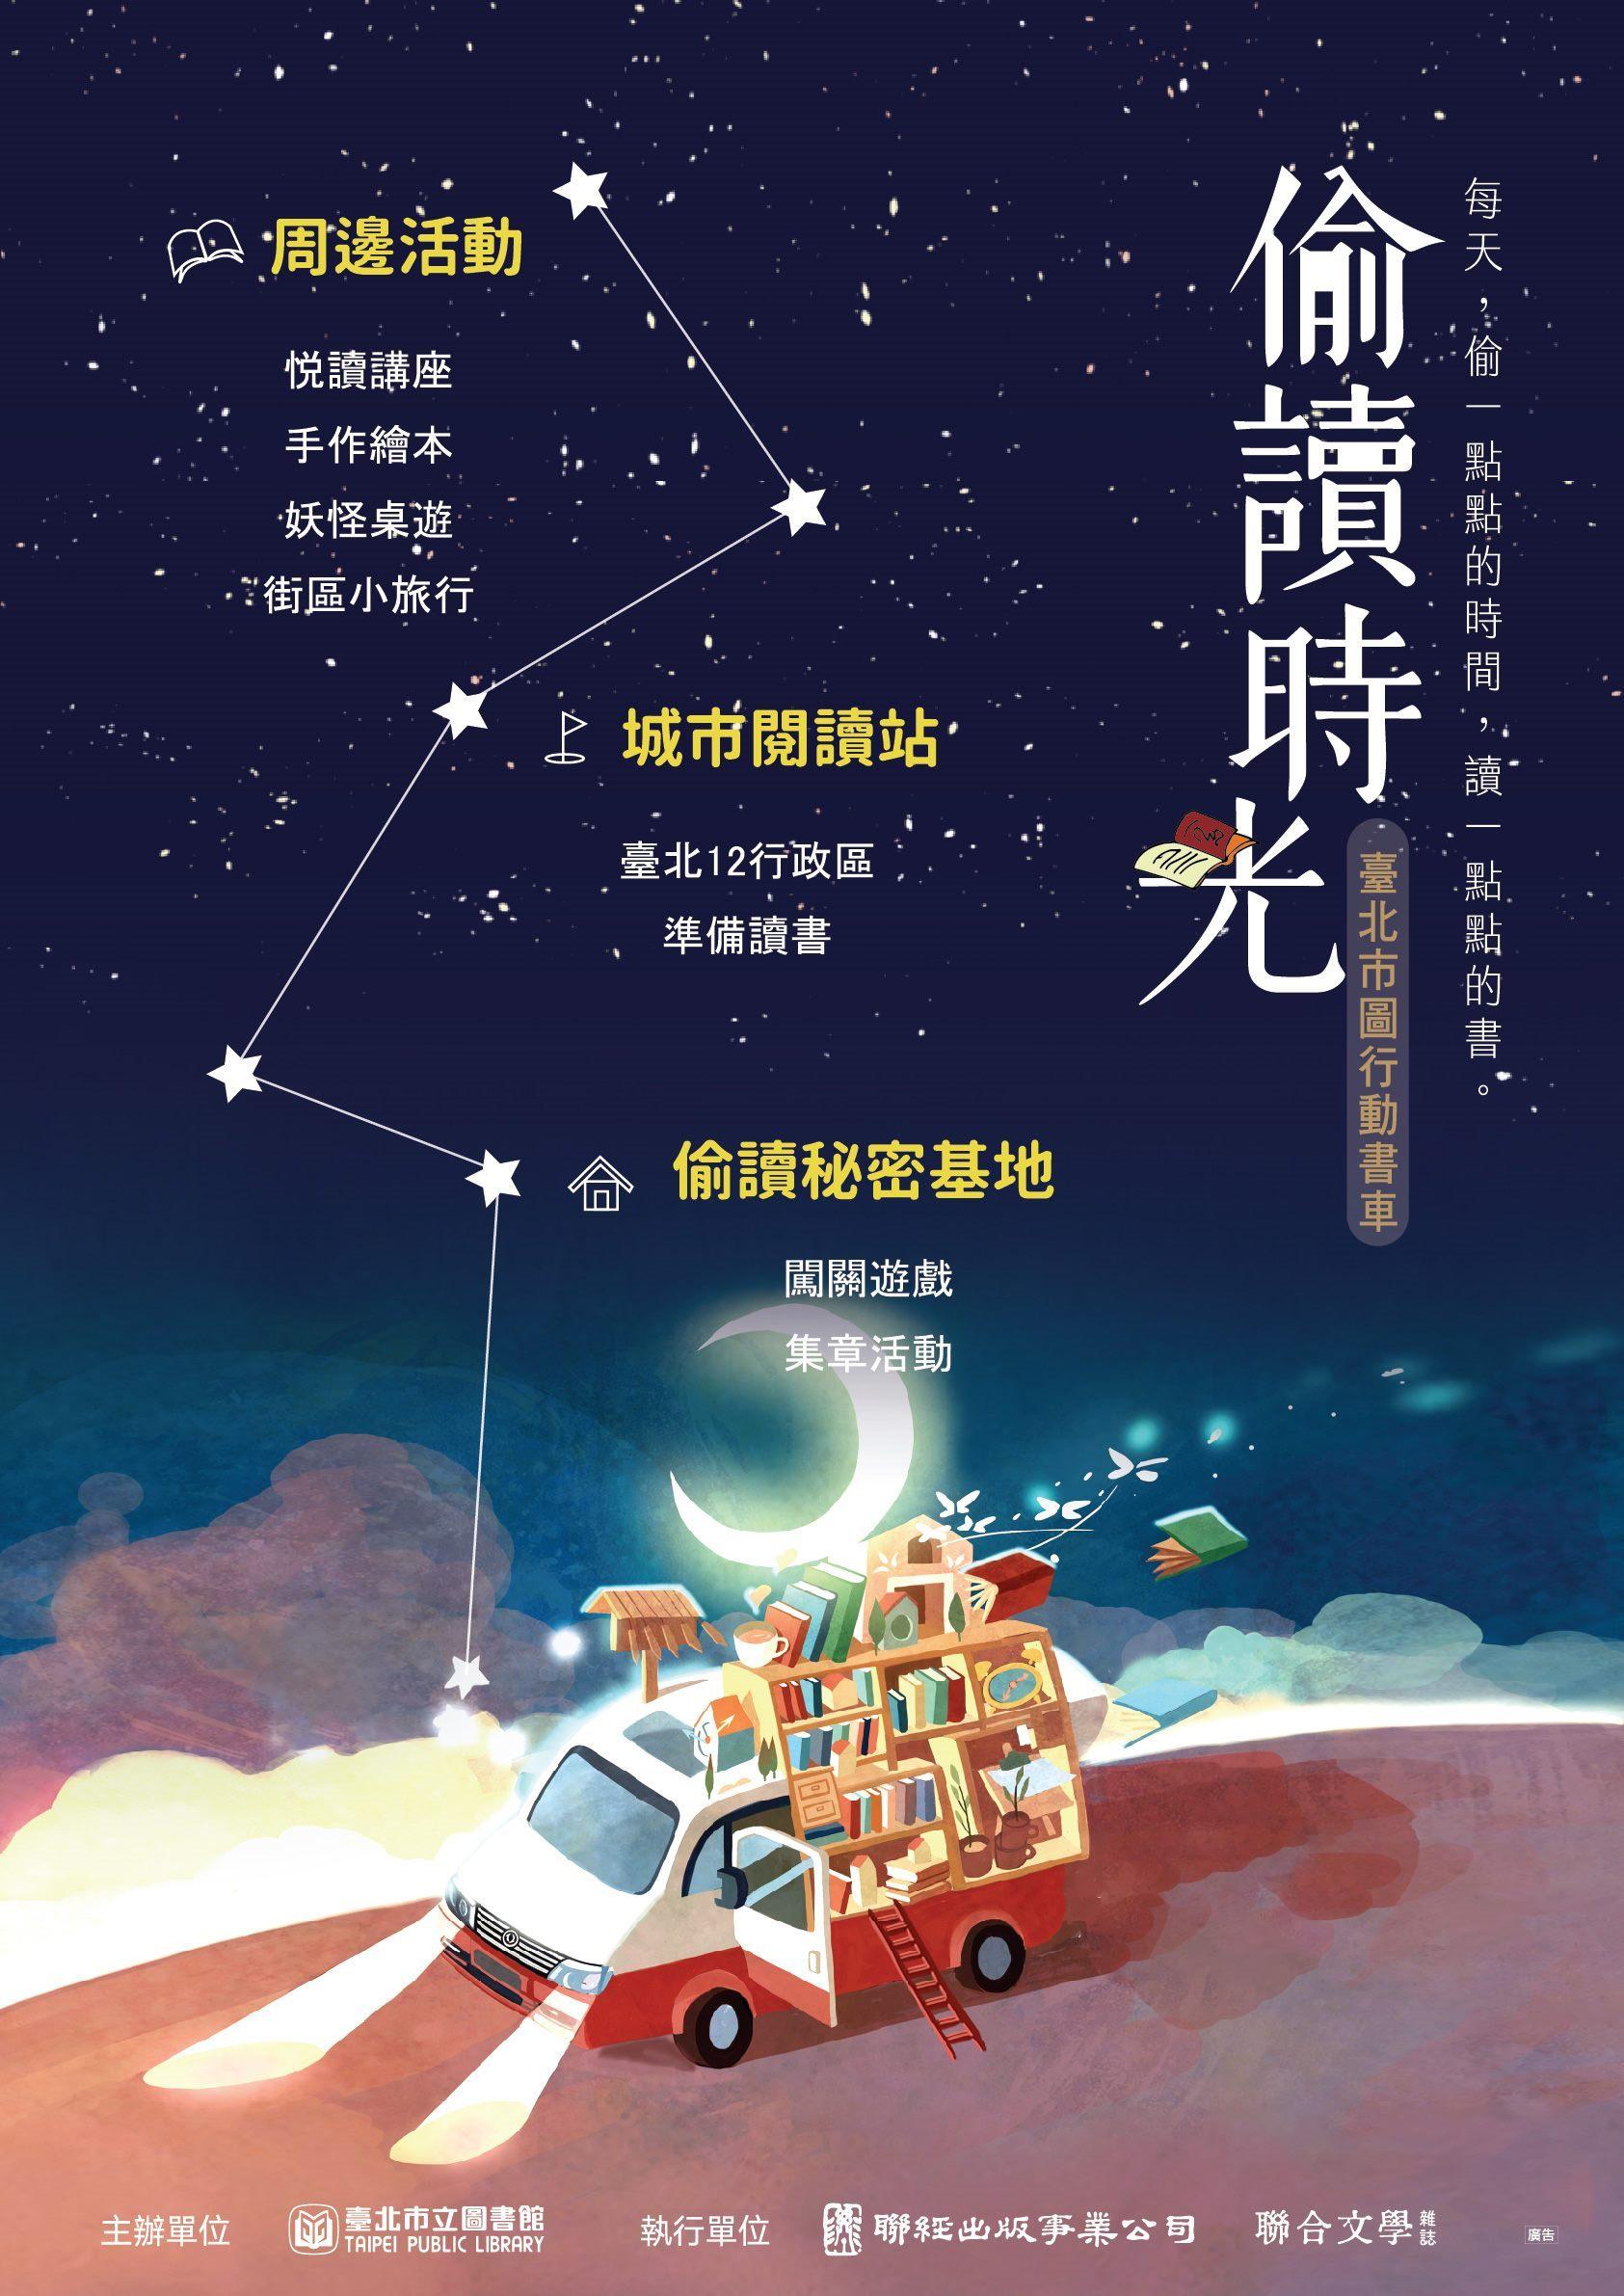 Poster of Dahu Park Great Book Carnival